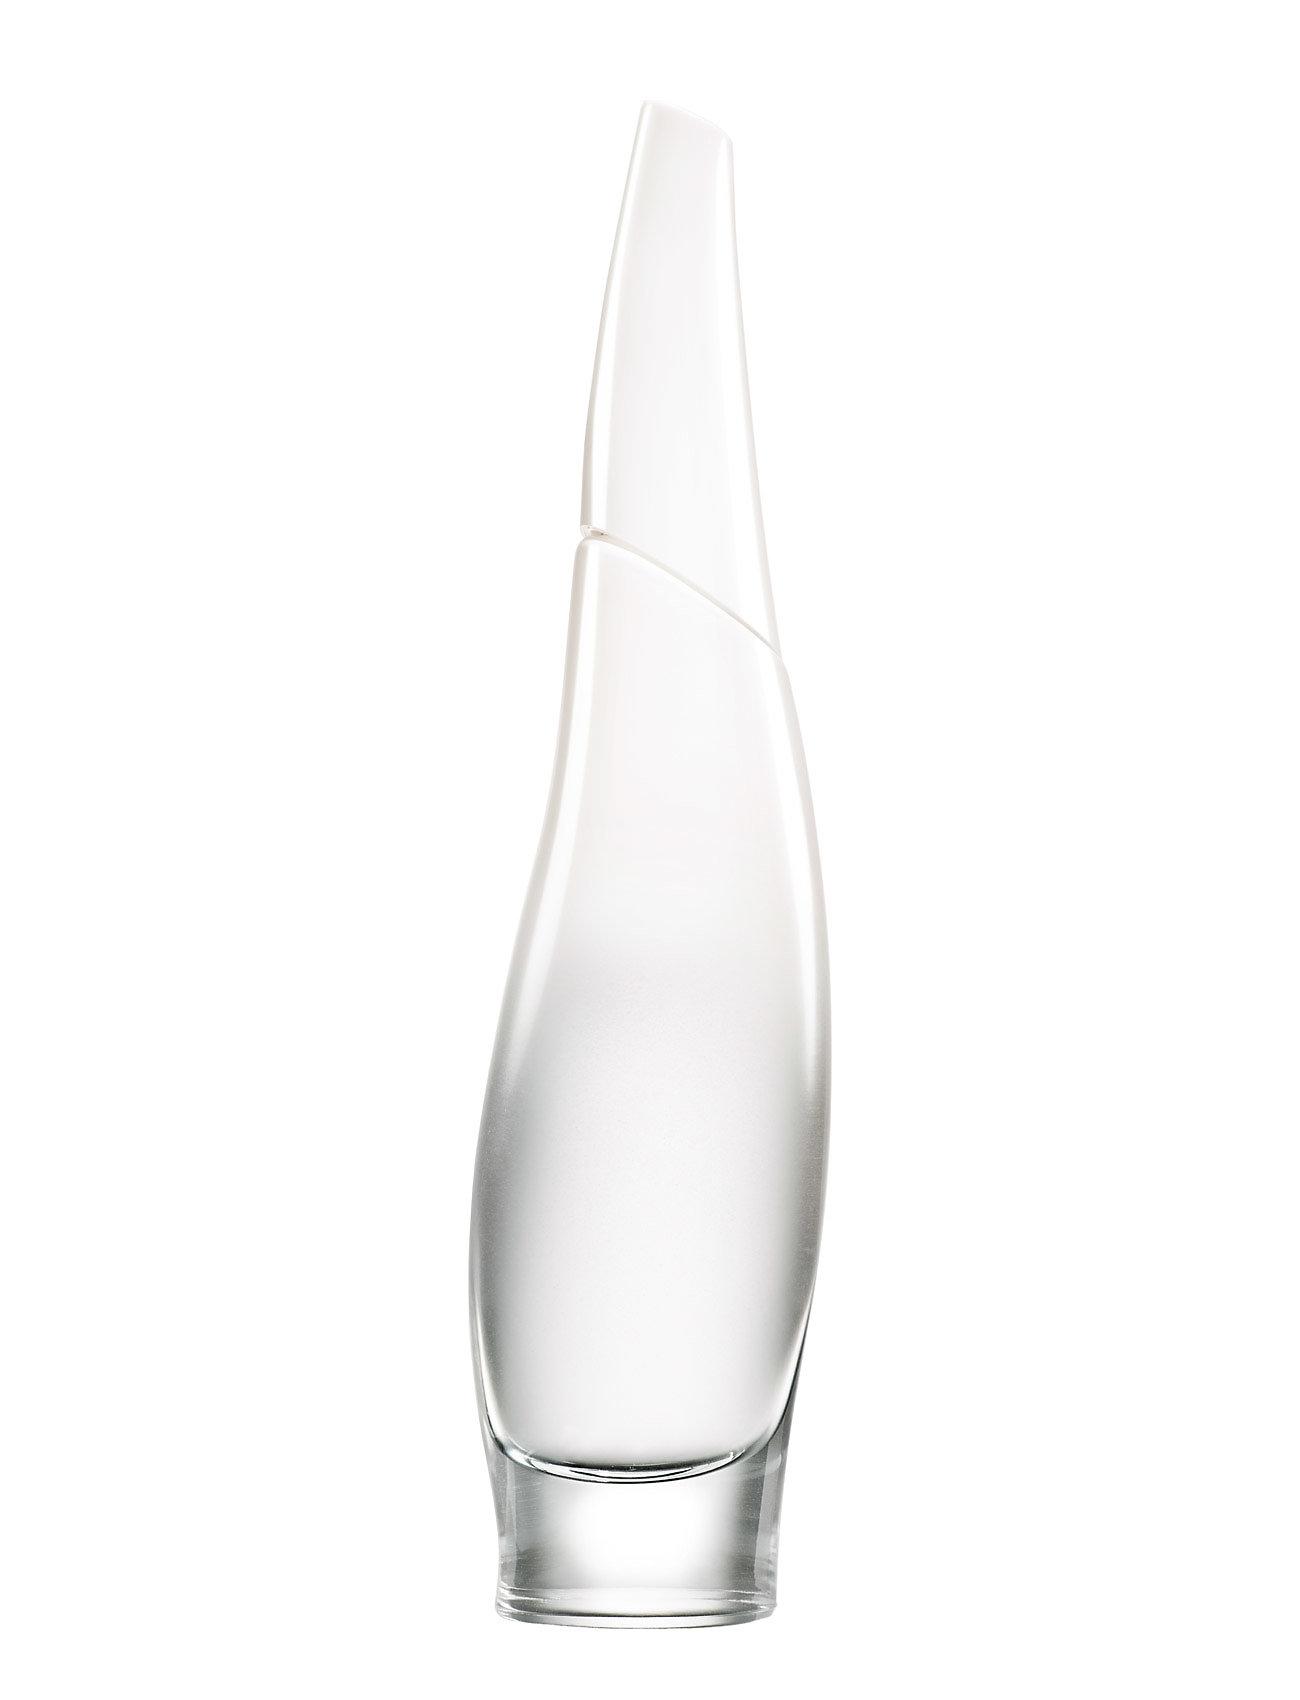 Image of Cashmere Mist Liquid White Mist Eau De Parfum Parfume Eau De Parfum Nude Donna Karan/DKNY Fragrance (3038166805)